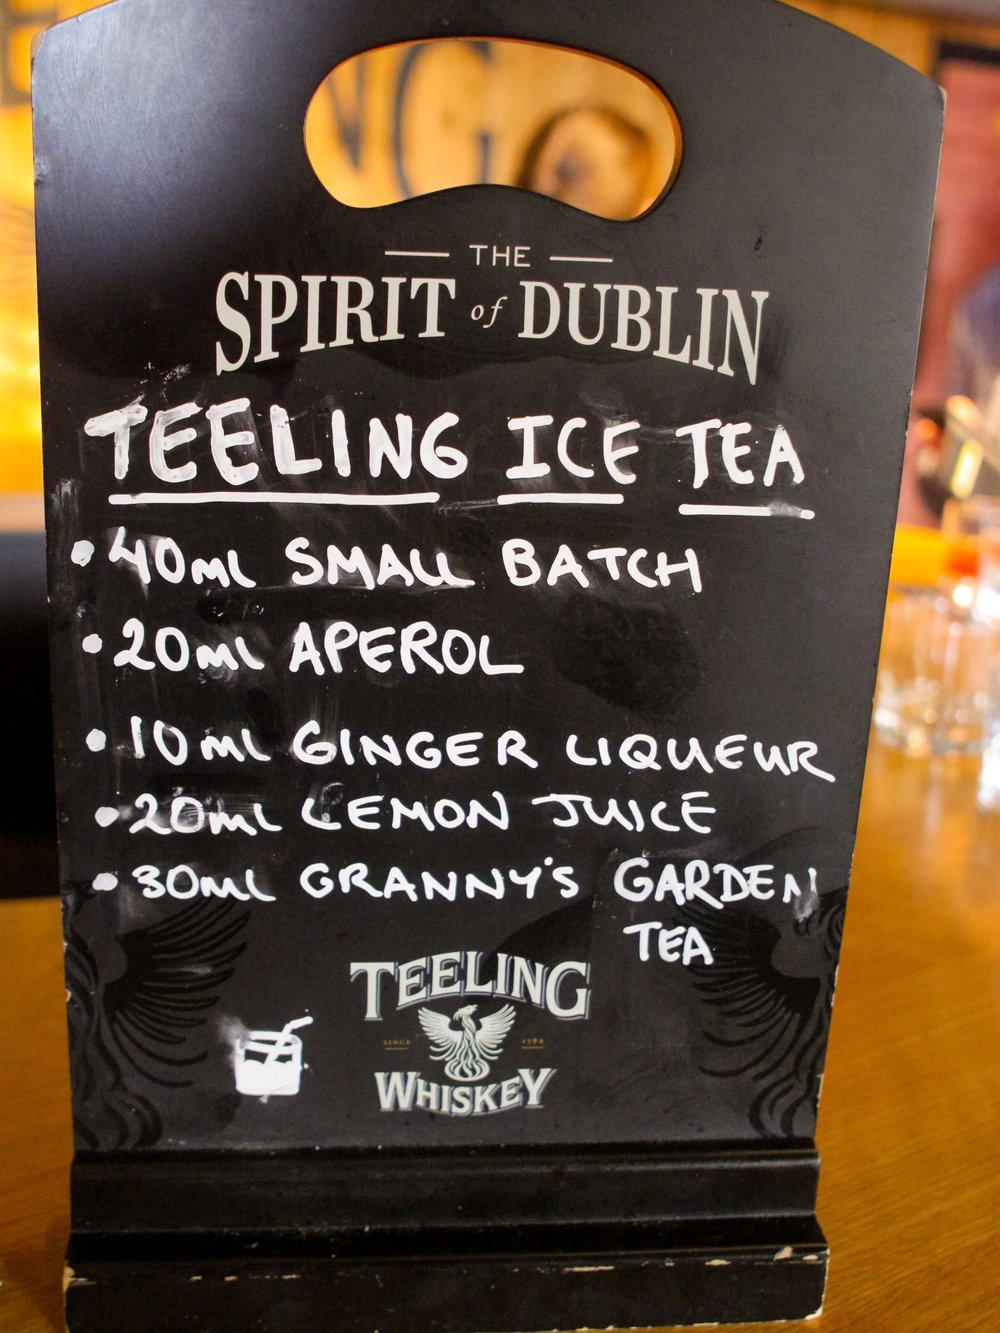 Teeling Ice Tea recipe at Teeling Distillery in Dublin, Ireland